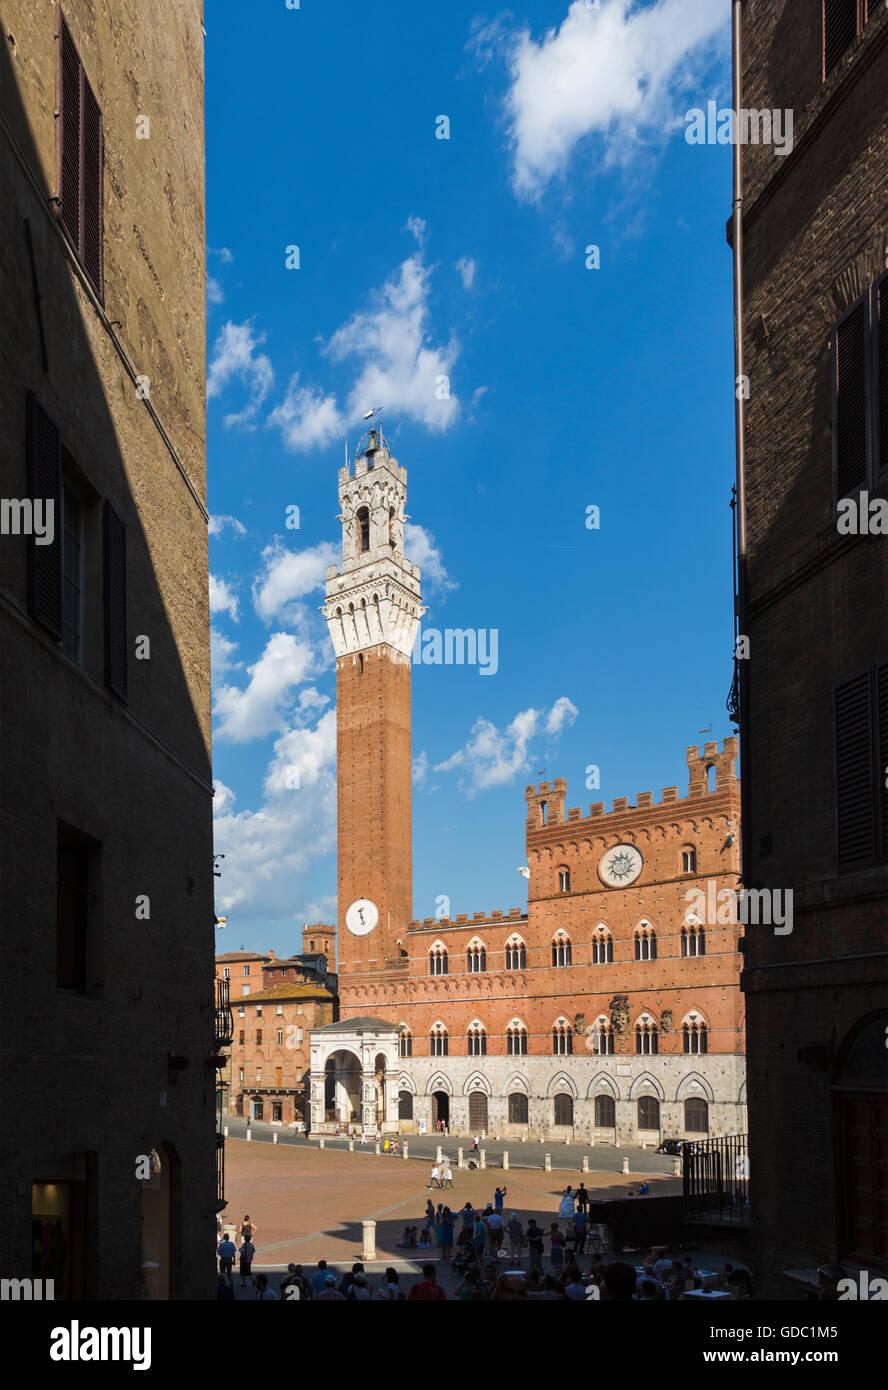 Siena, in provincia di Siena, Toscana, Italia. Piazza del Campo e Torre del Mangia Immagini Stock